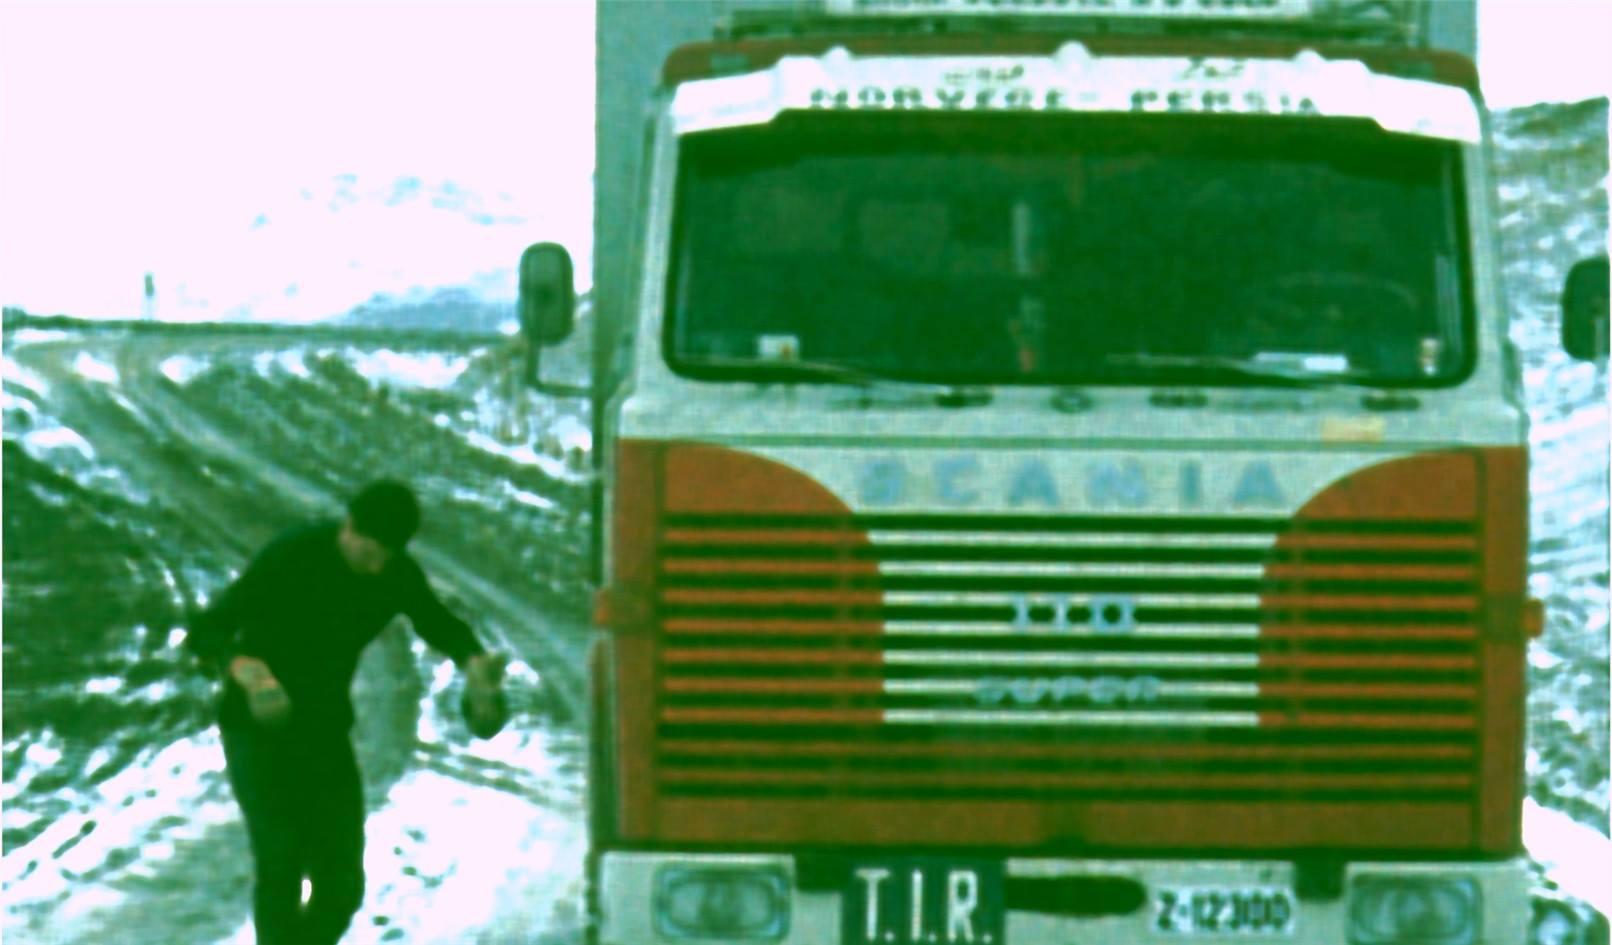 Scania-Dit-is-de-auto-met-de-meeste-reizen-naar-bandar-abbas-16-reizen--Werd-later-gebouwd-op-vekselflak-en-kreeg-reg-Nummer-ly16117